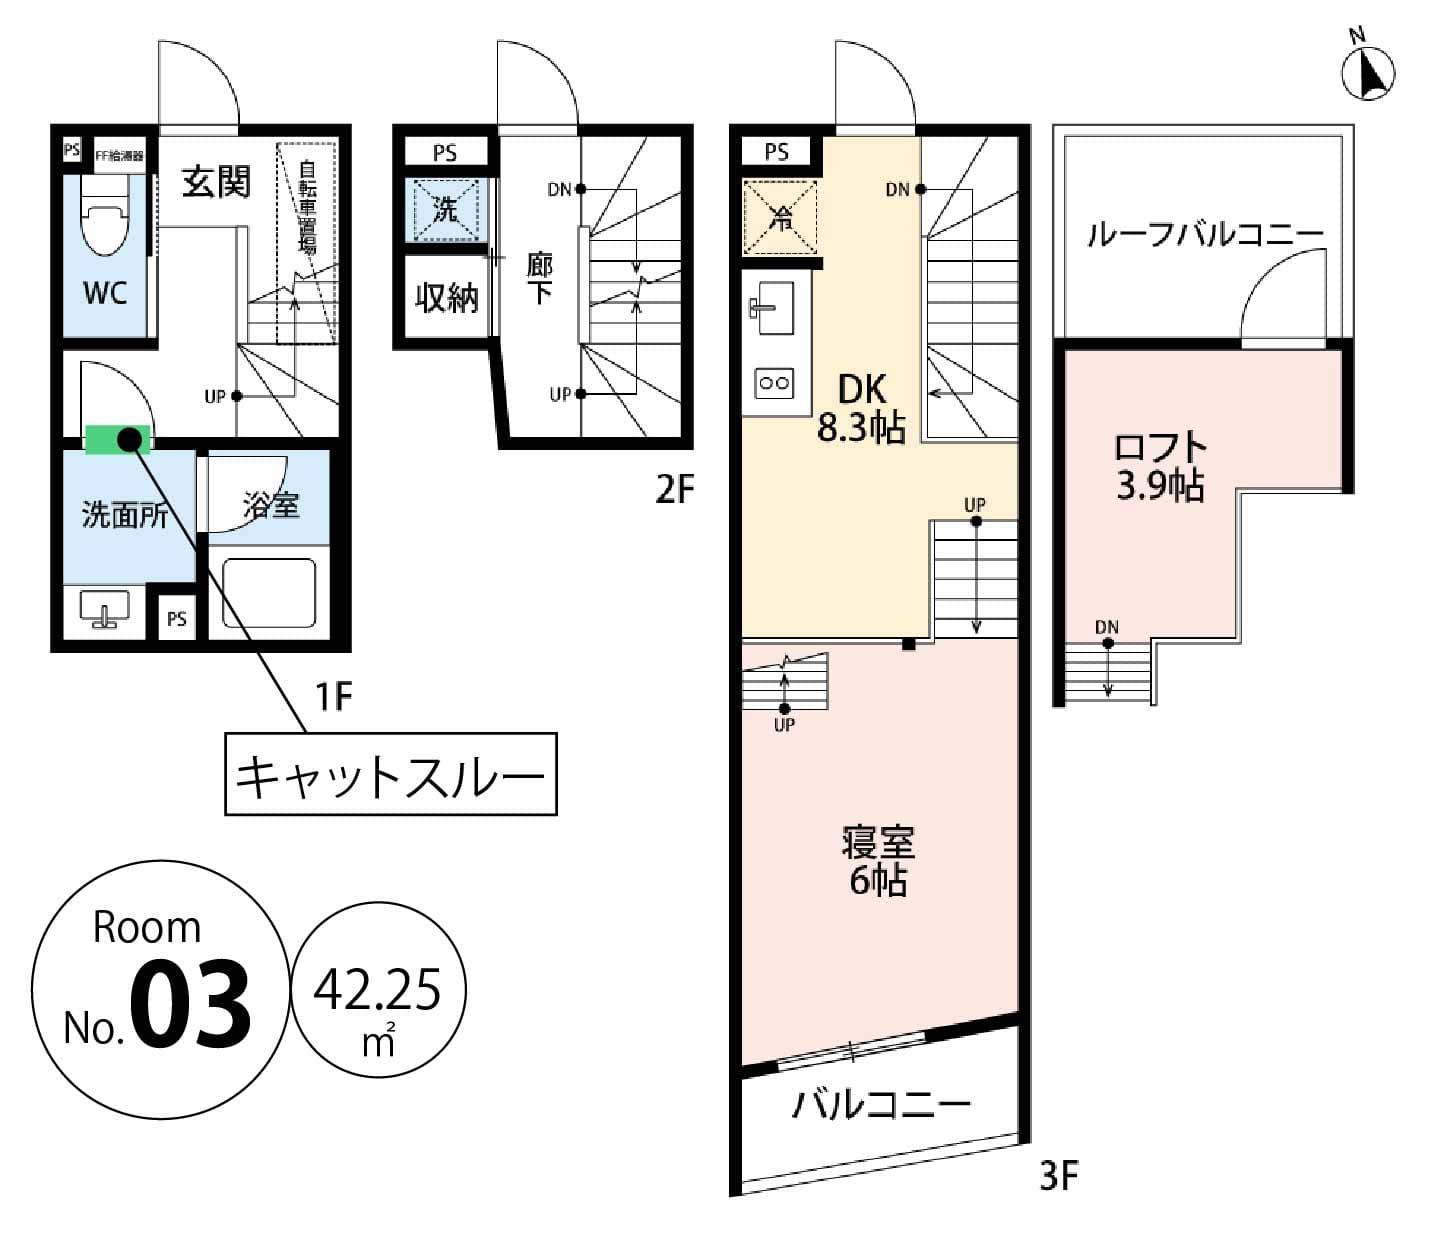 ◆お家賃141,000円(管理費別3,000円)◆猫ちゃんは4匹まで(相談)